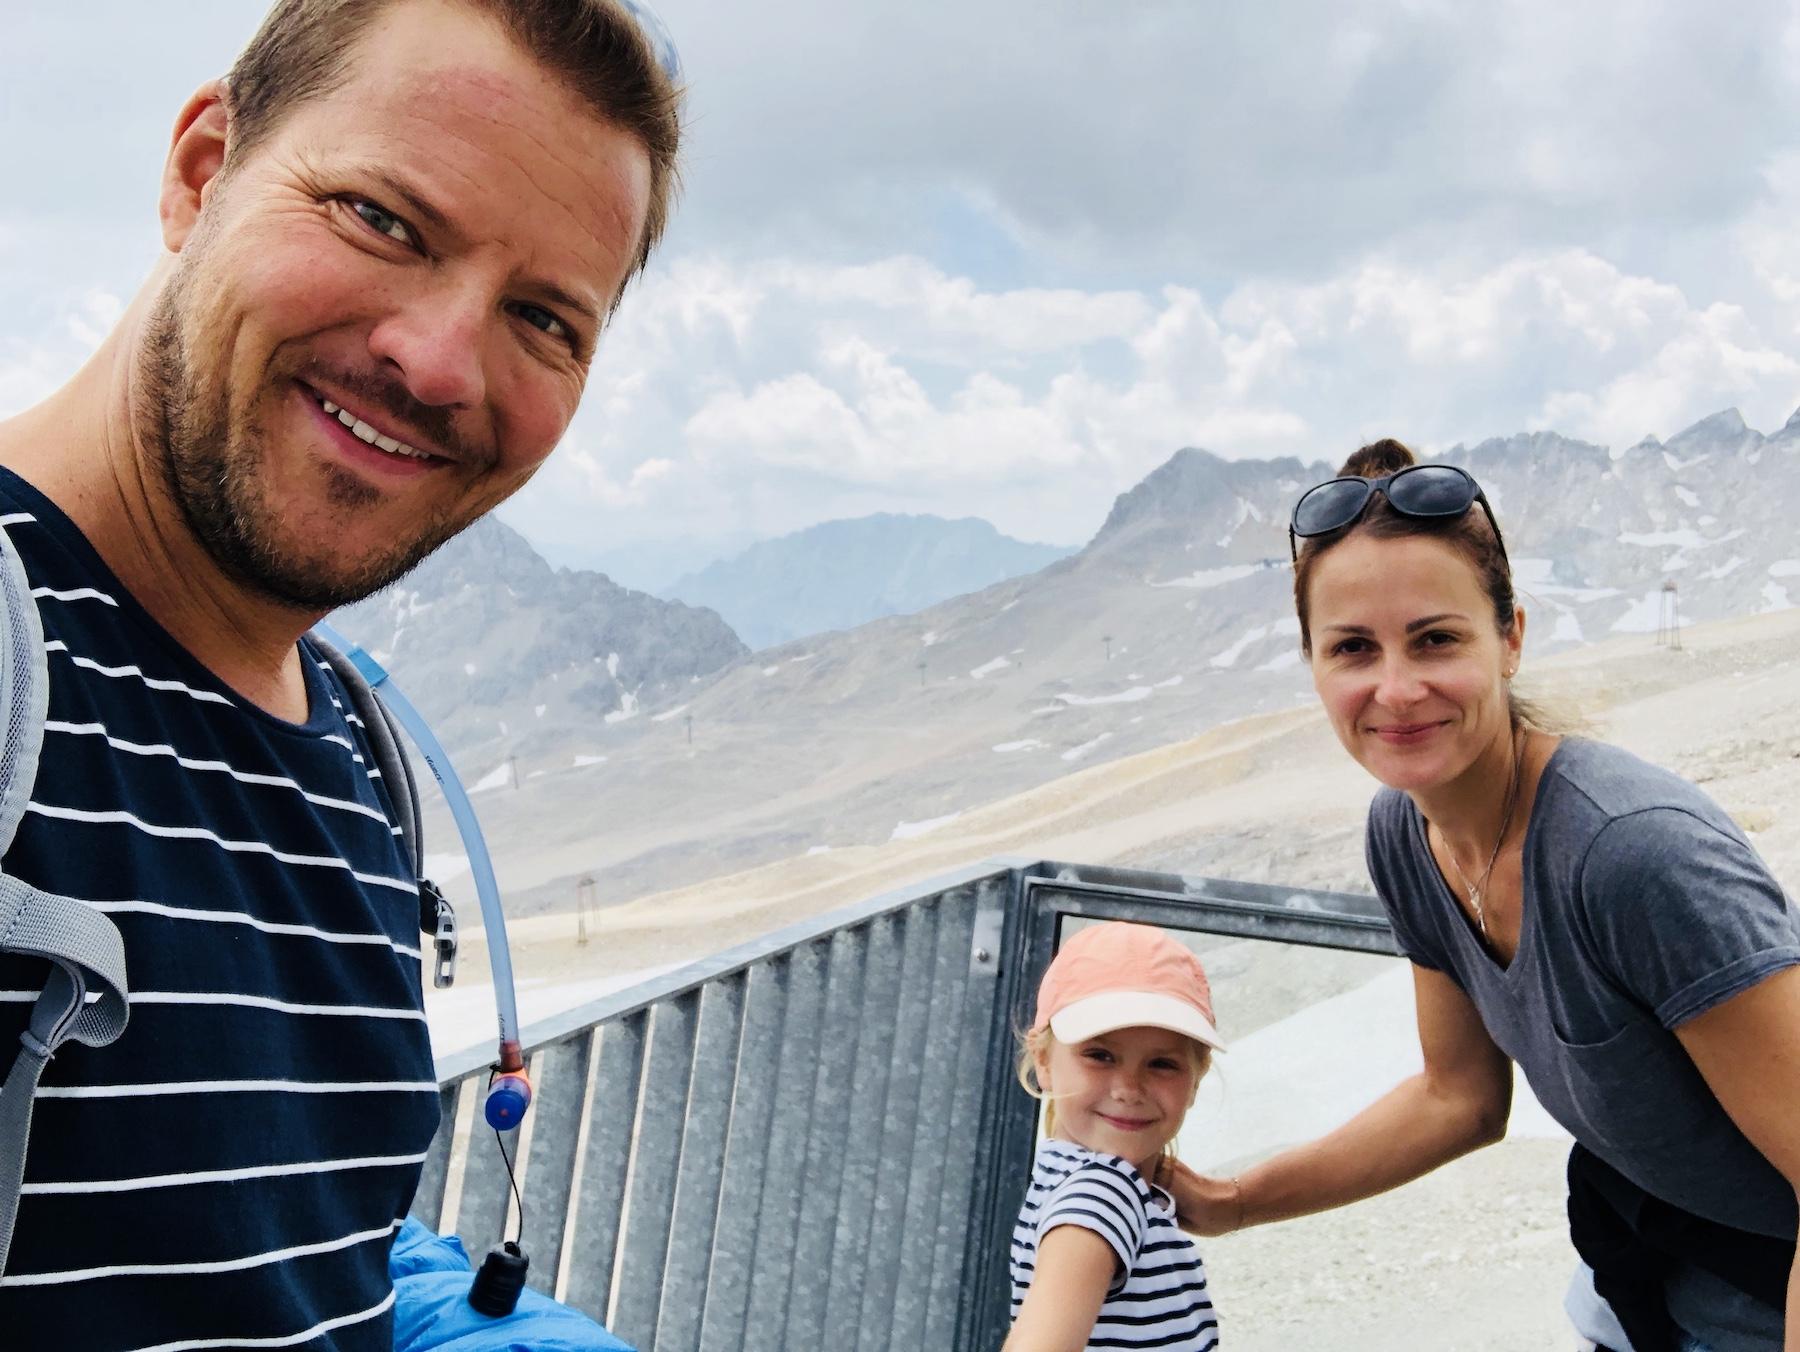 Familie auf der Zugspitze in die Kamera blickend